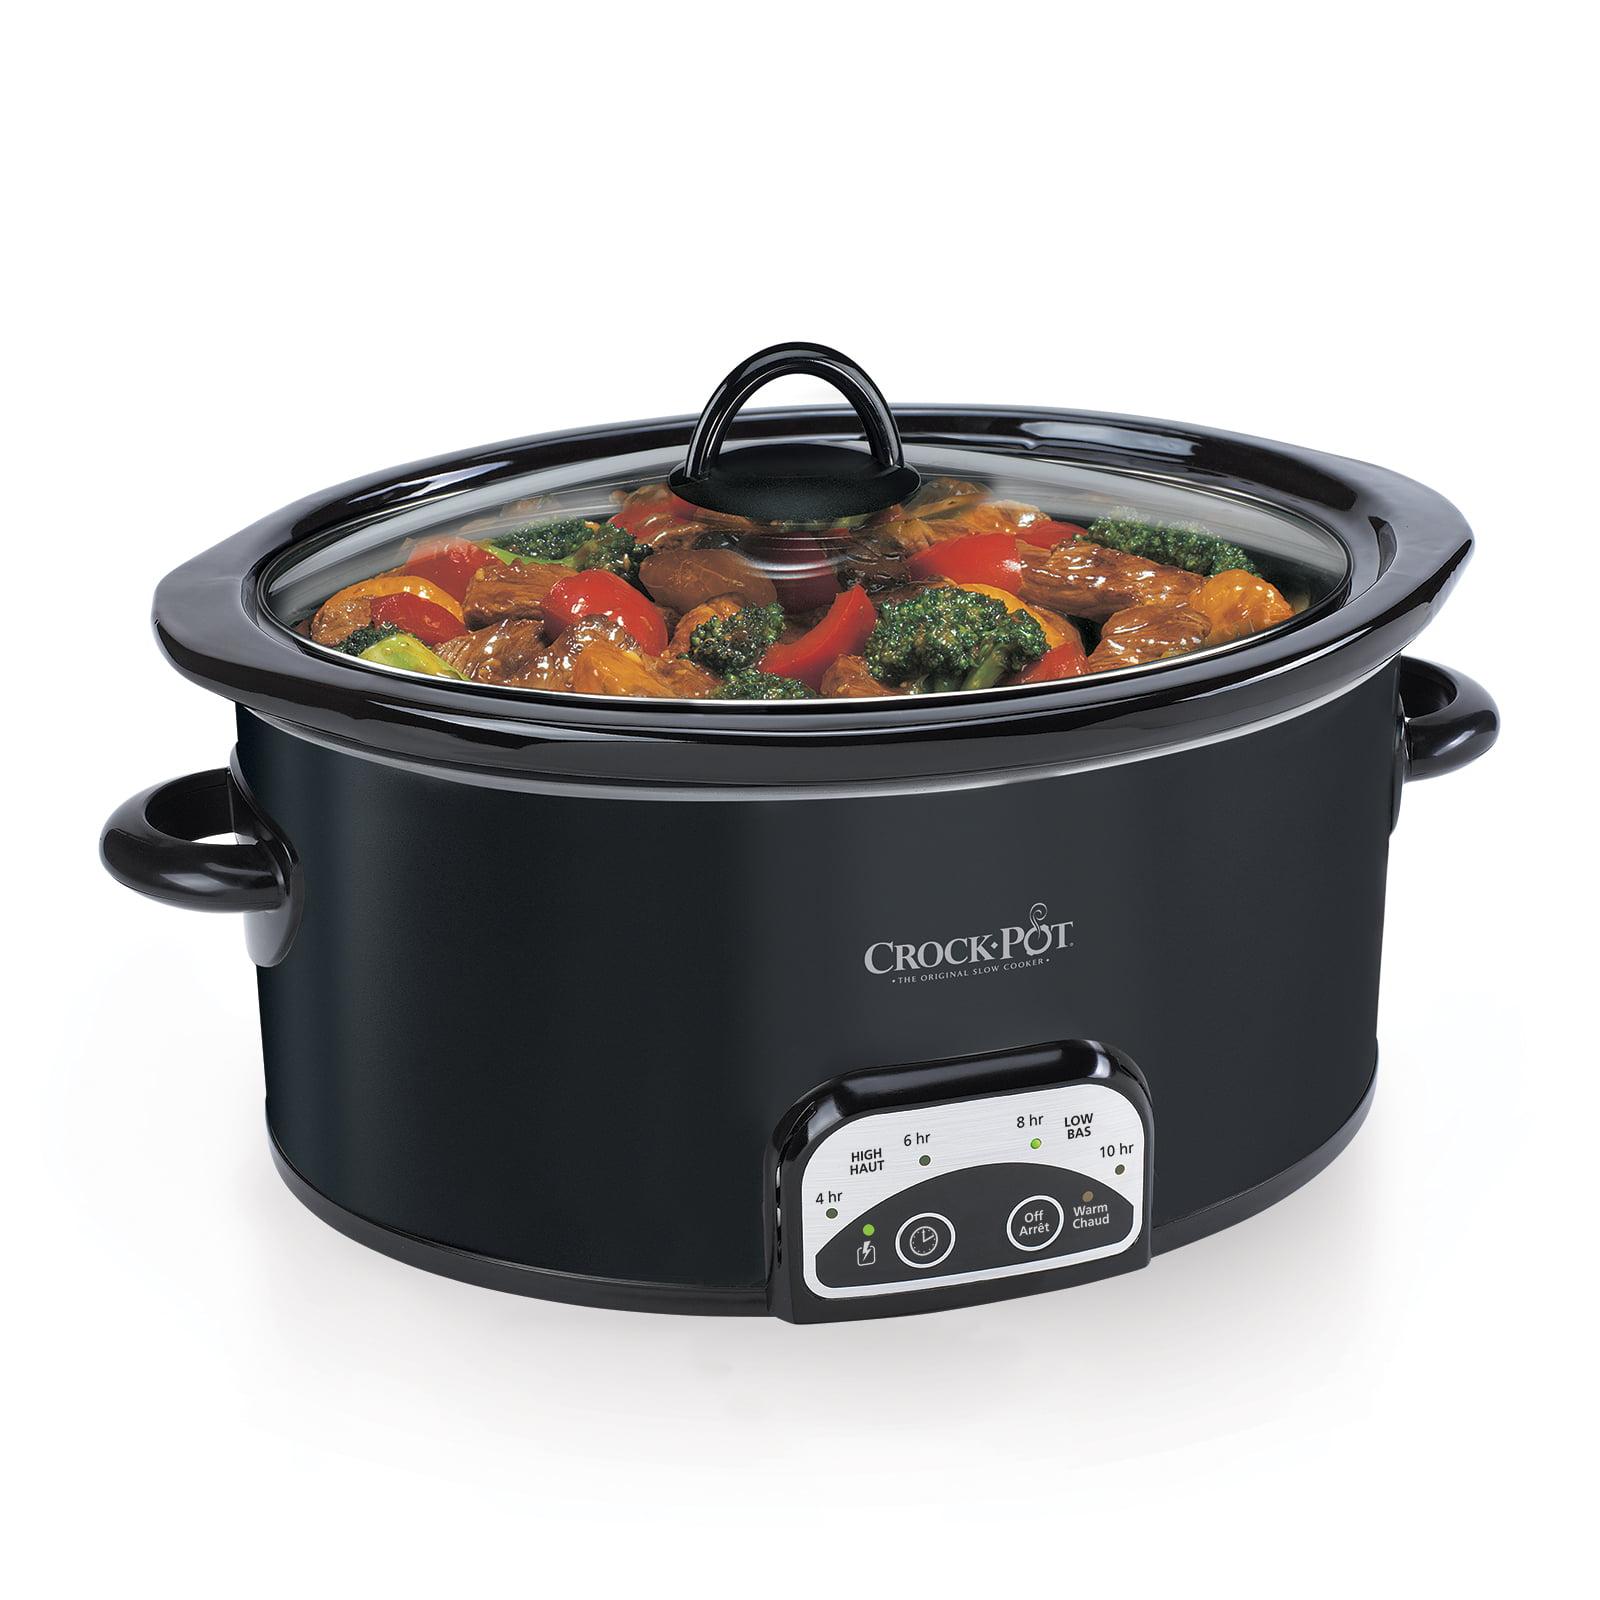 Crock-Pot 4-Quart Smart-Pot Slow Cooker (SCCPVP400-B)